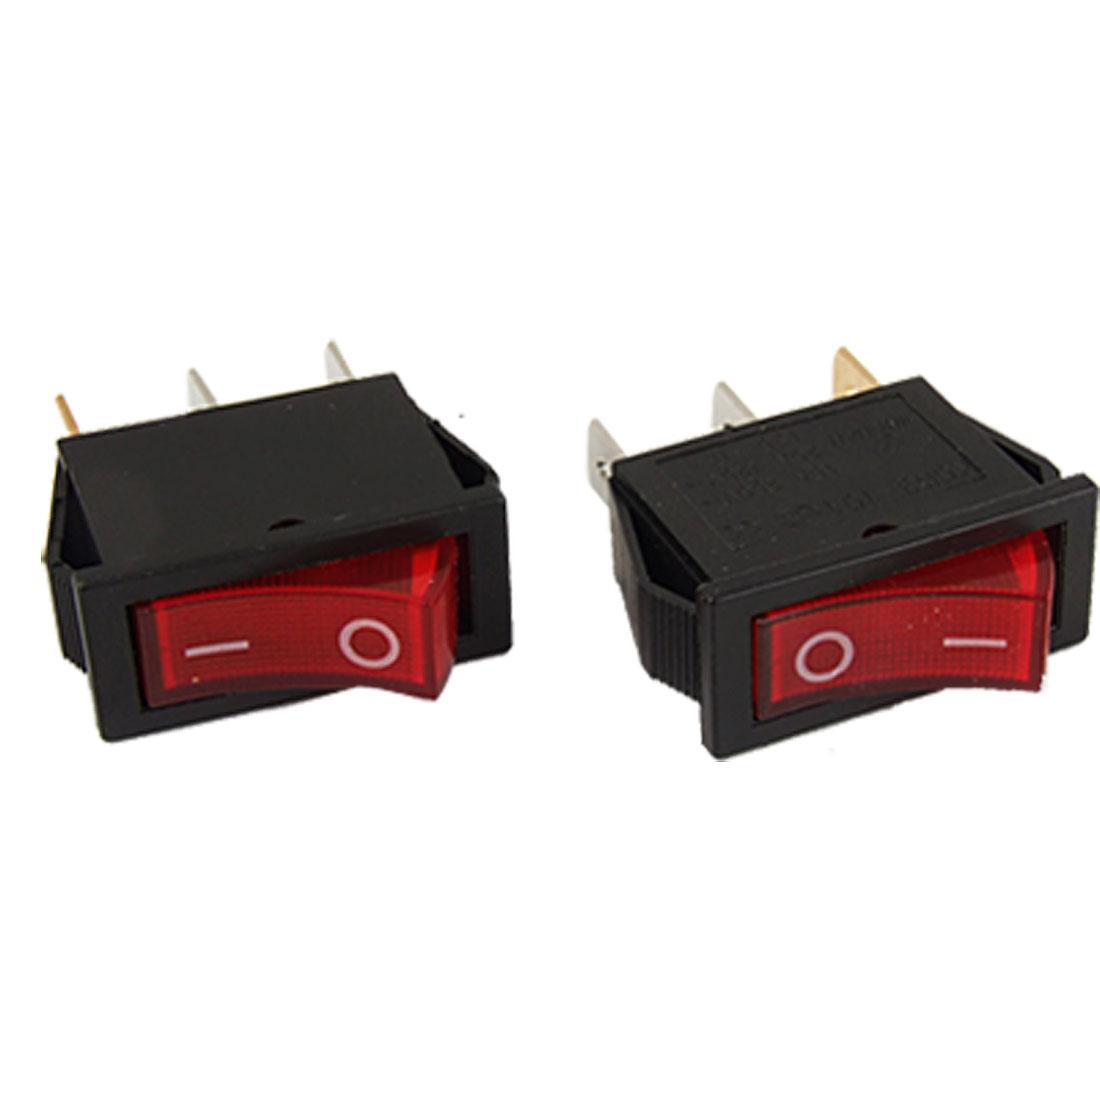 AC 15A/250V 20A/125V Red Light ON/OFF 2 Position SPST Boat Rocker Switch 2pcs